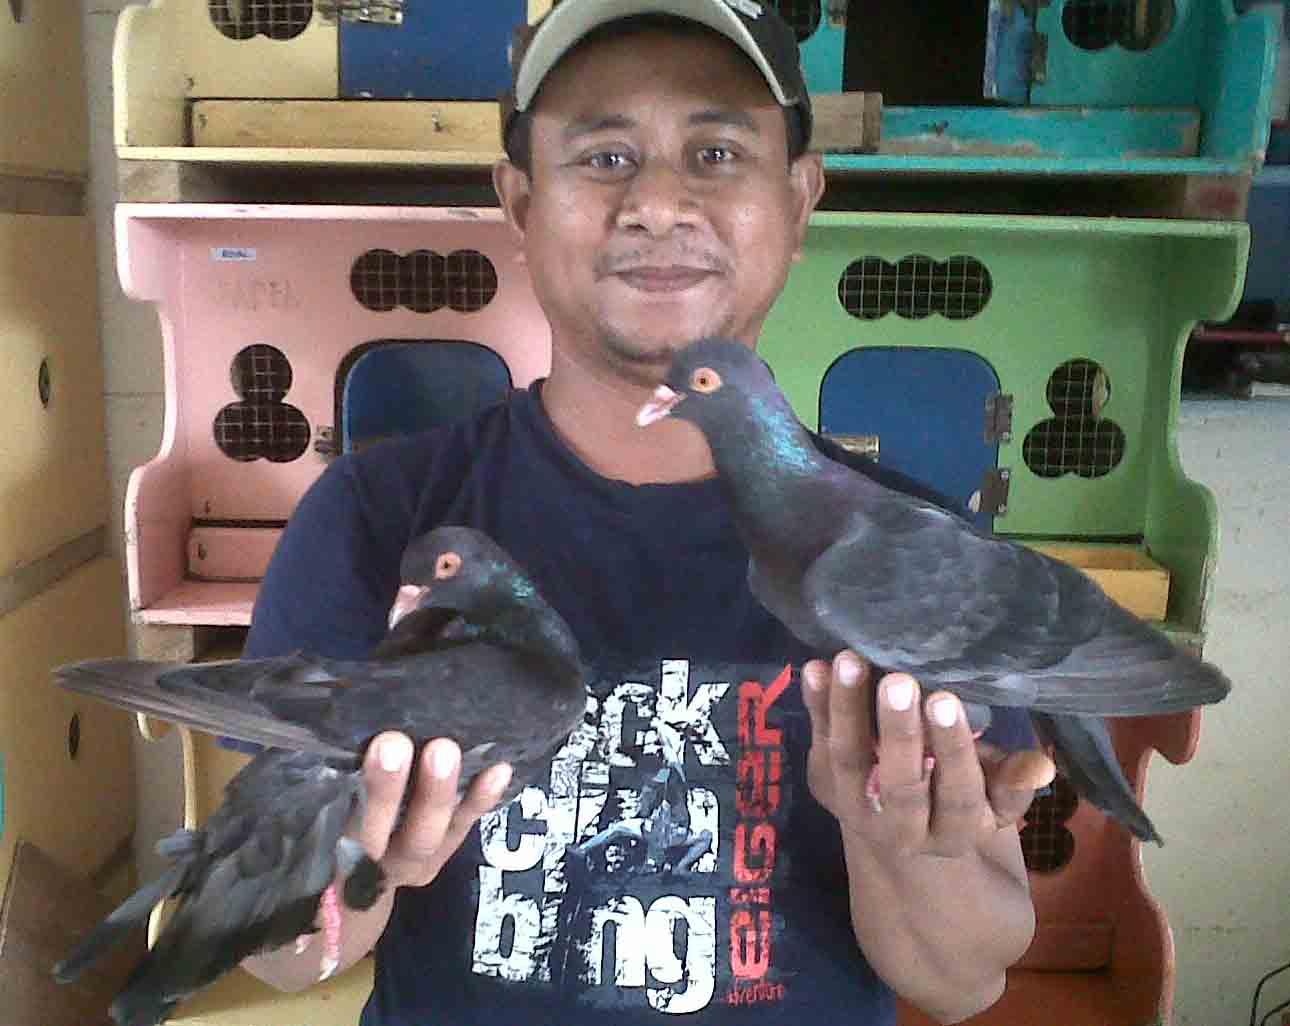 http://2.bp.blogspot.com/_Aoq2fLBU0mU/TEK_hvdHaoI/AAAAAAAAAUE/NB5OMhdjUoQ/s1600/coker+juara+2.jpg